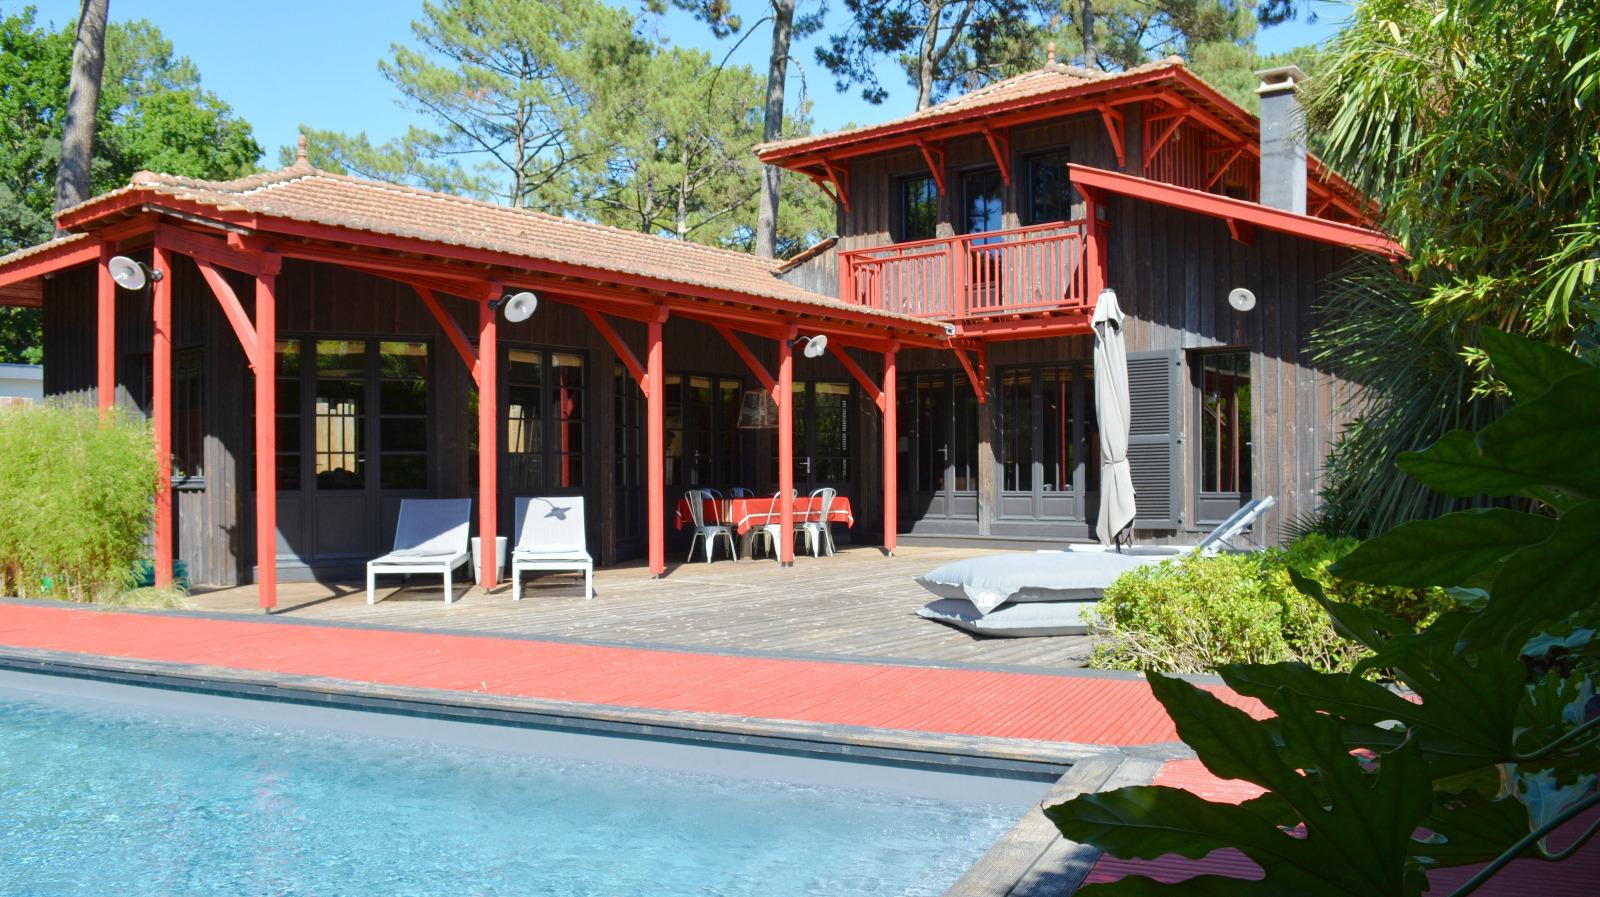 Cap ferret magnifique villa en bois avec piscine deux pas de la plage immo prestige - La maison du bassin cap ferret ...